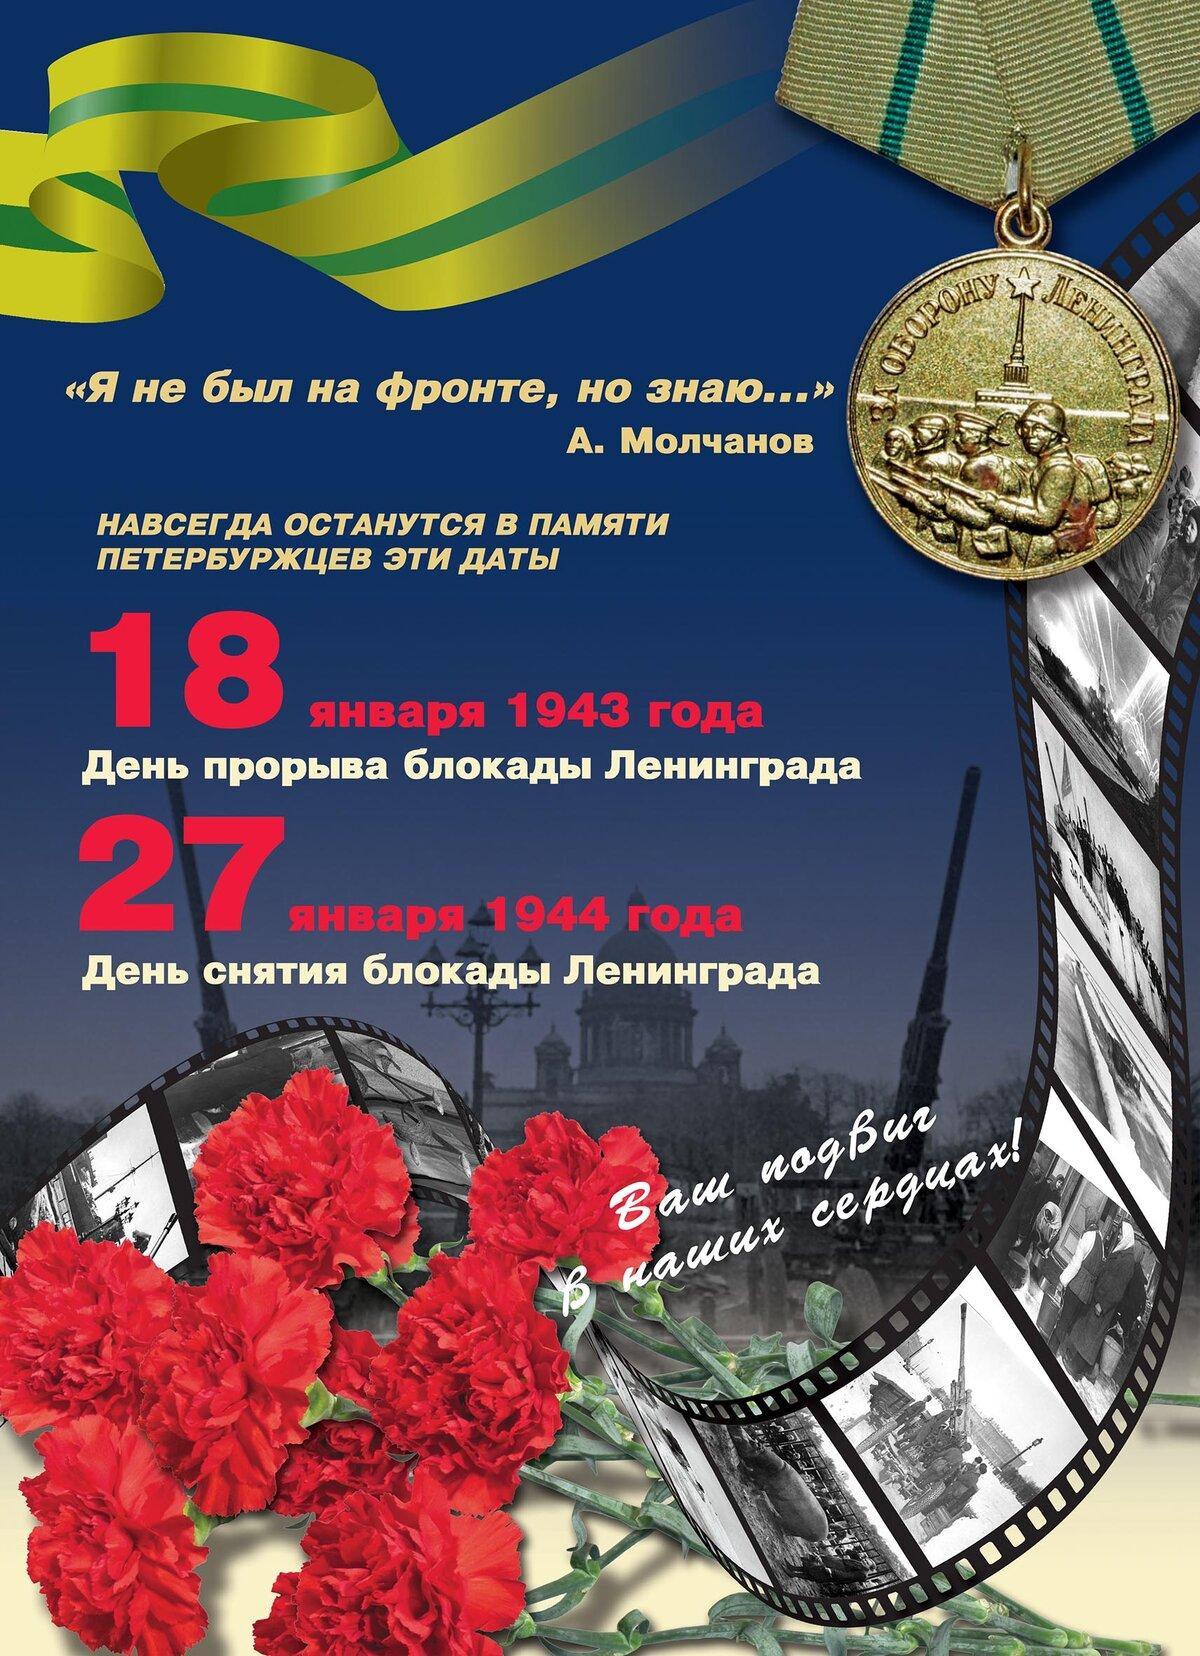 Поздравление ко дню снятия блокады ленинграда для ветеранов